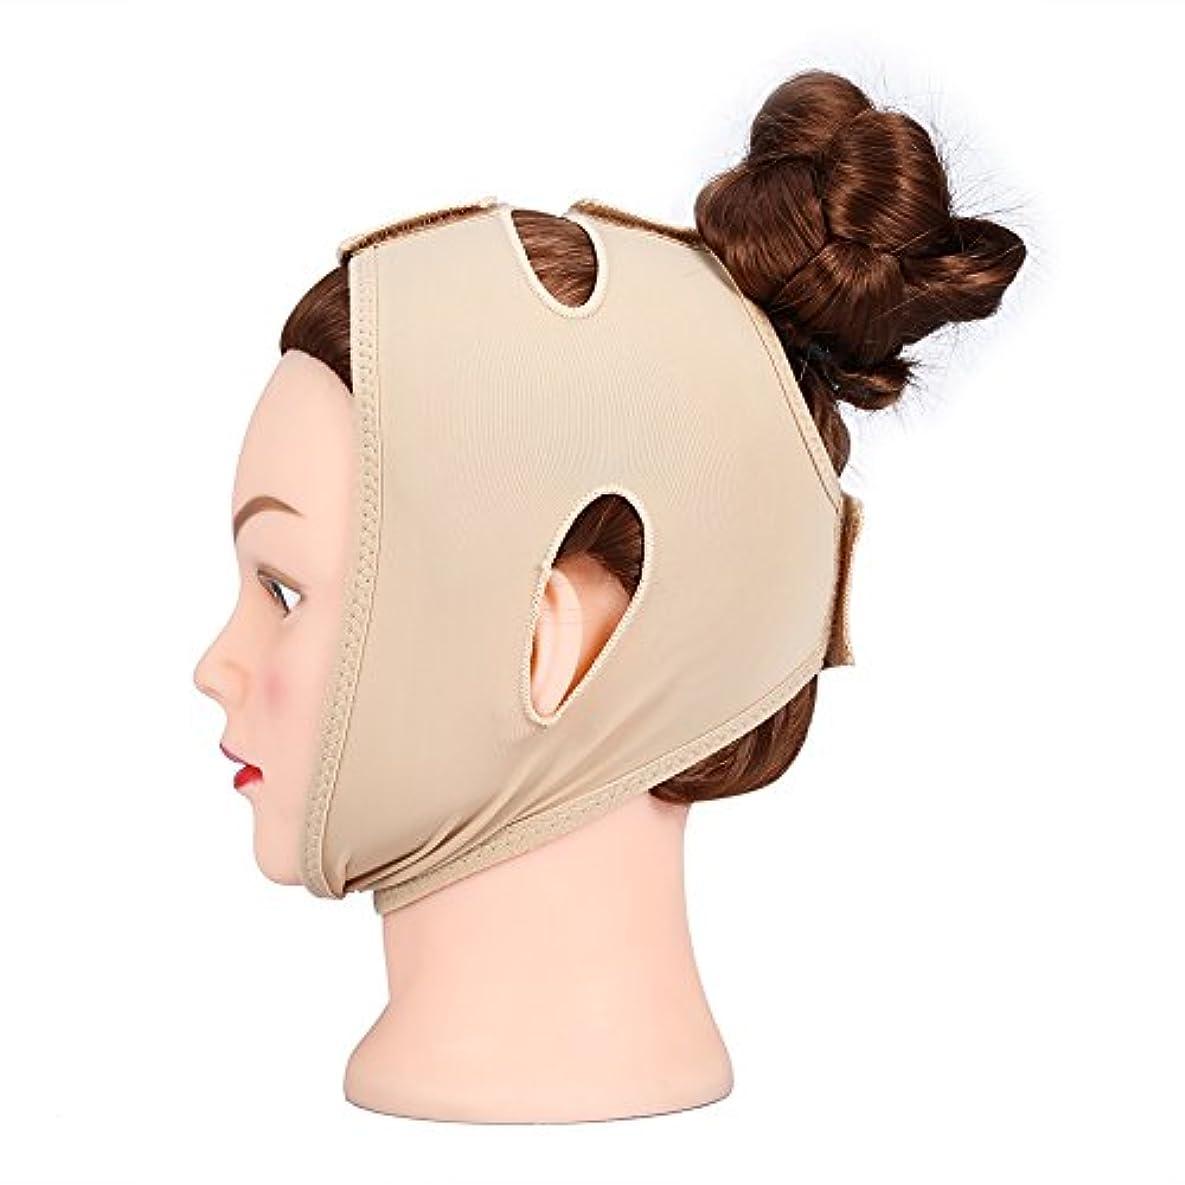 どうやって優勢ディンカルビル痩身フェイスバンド、痩身フェイスマスク、フェイスリフトマスク、睡眠首マスク、二重あご包帯を減らす(M)